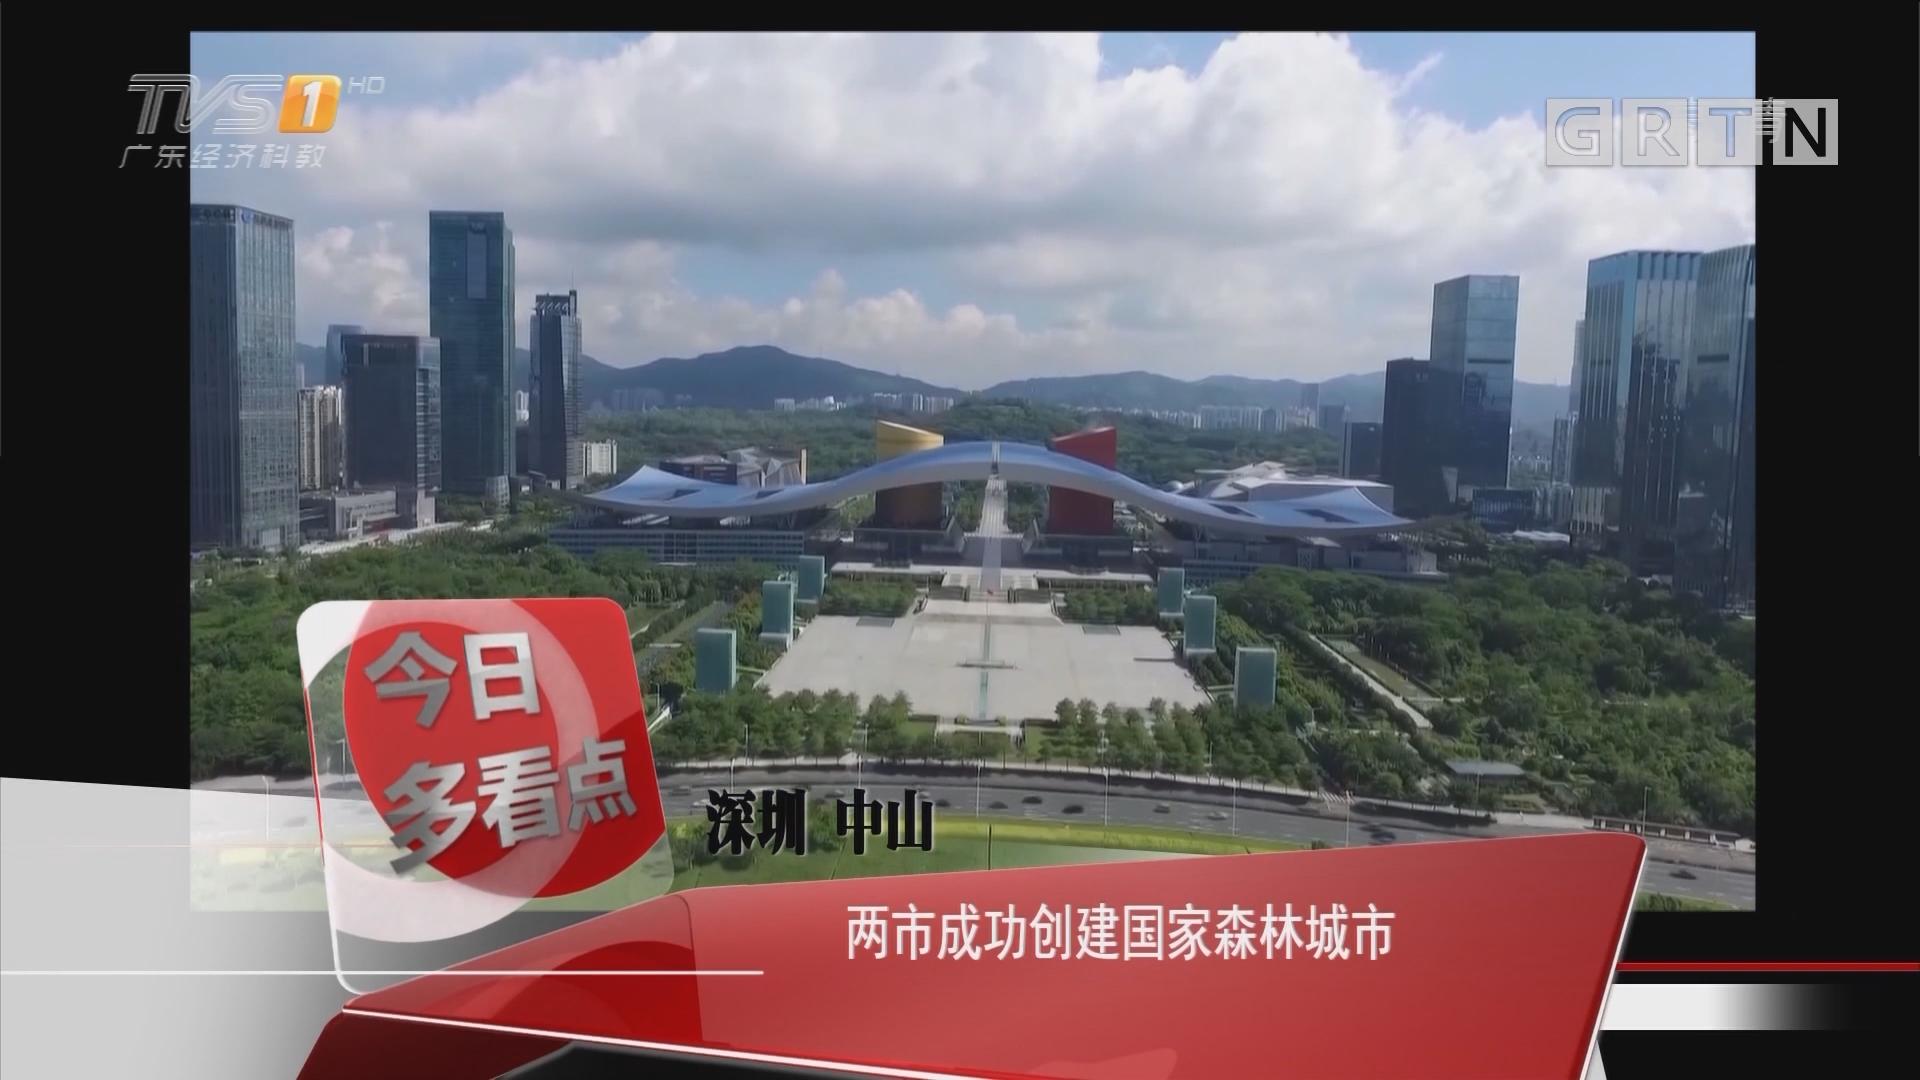 深圳 中山:两市成功创建国家森林城市